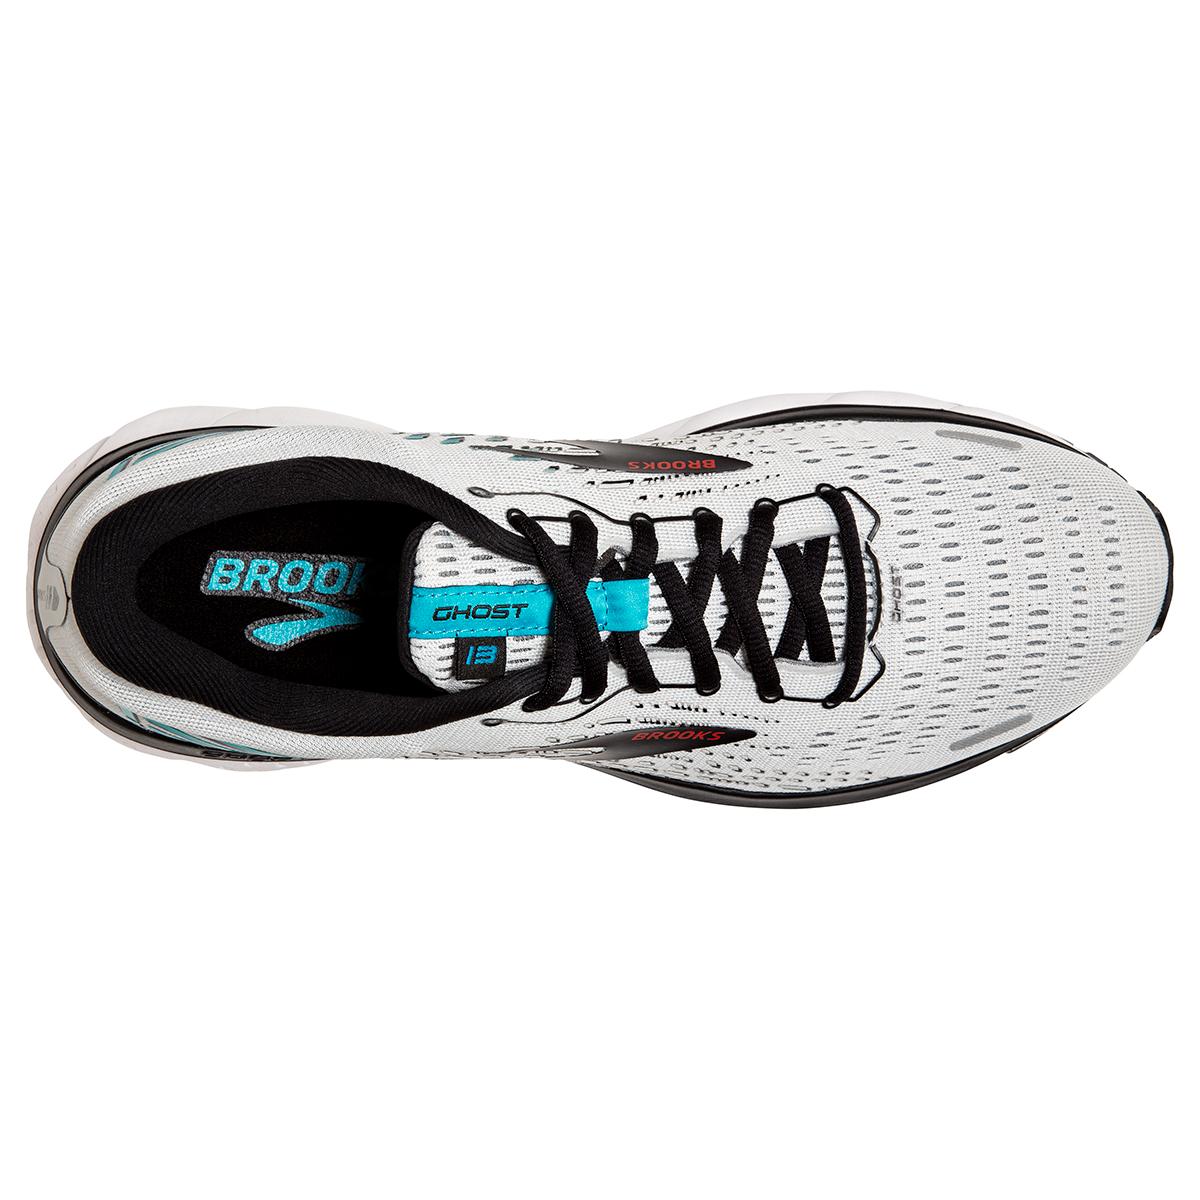 Men's Brooks Ghost 13 Running Shoe - Color: Grey/Black - Size: 7 - Width: Regular, Grey/Black, large, image 2